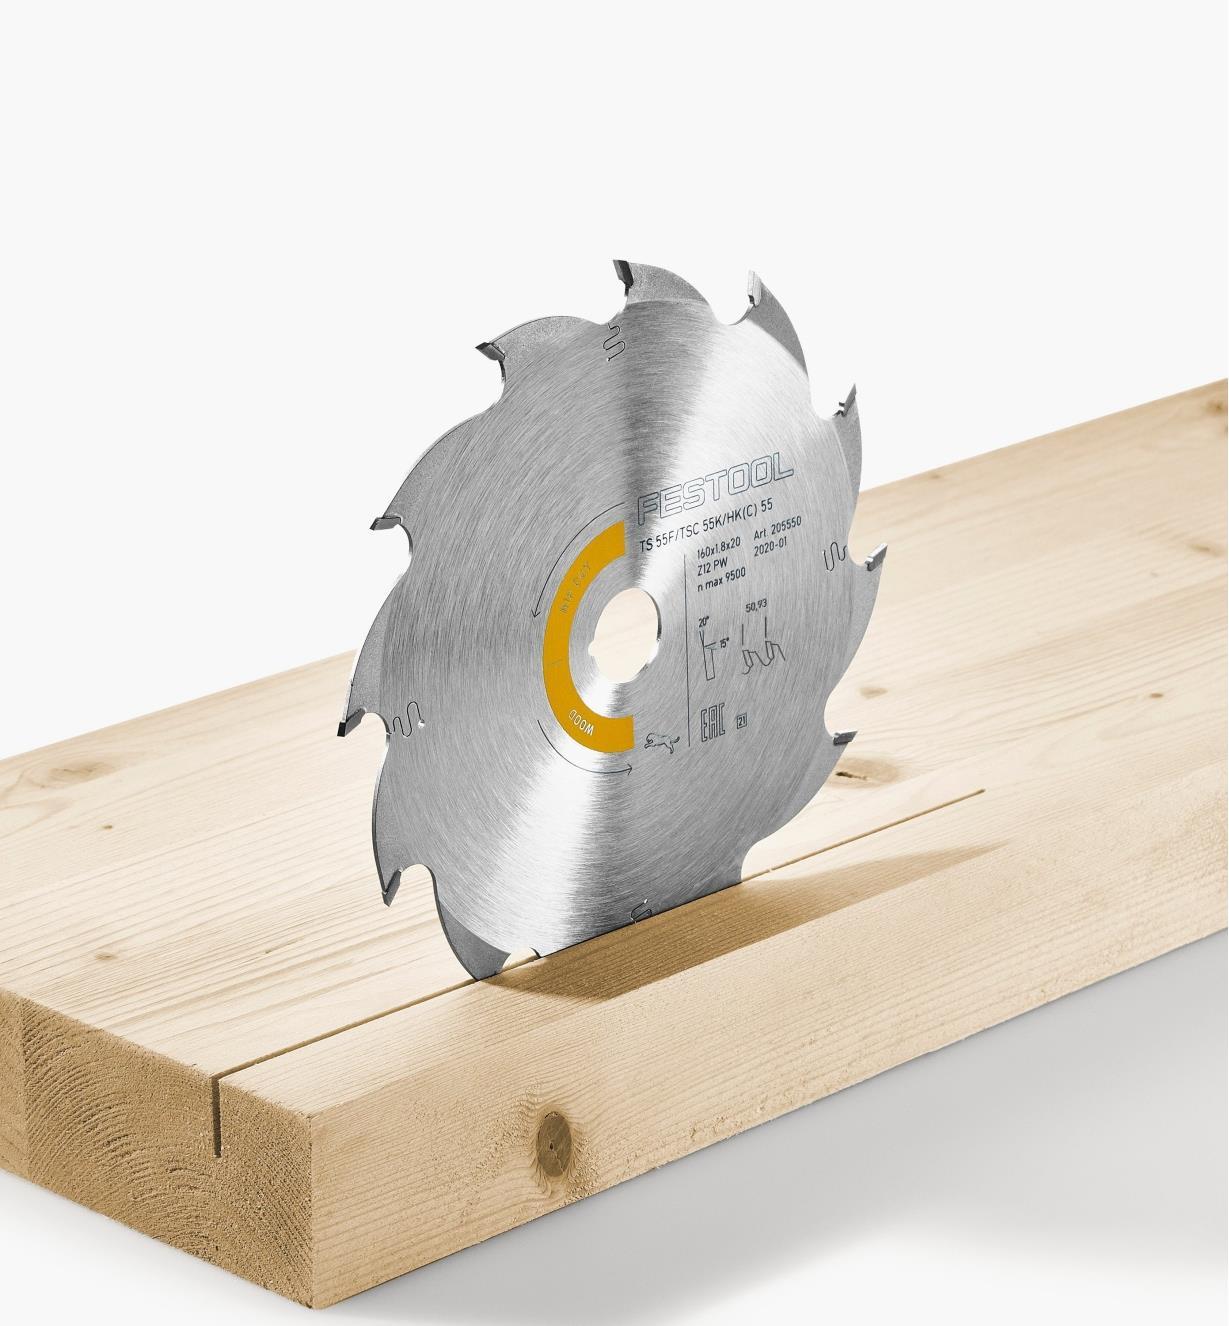 Lame à refendre en position verticale dans une pièce de bois tendre